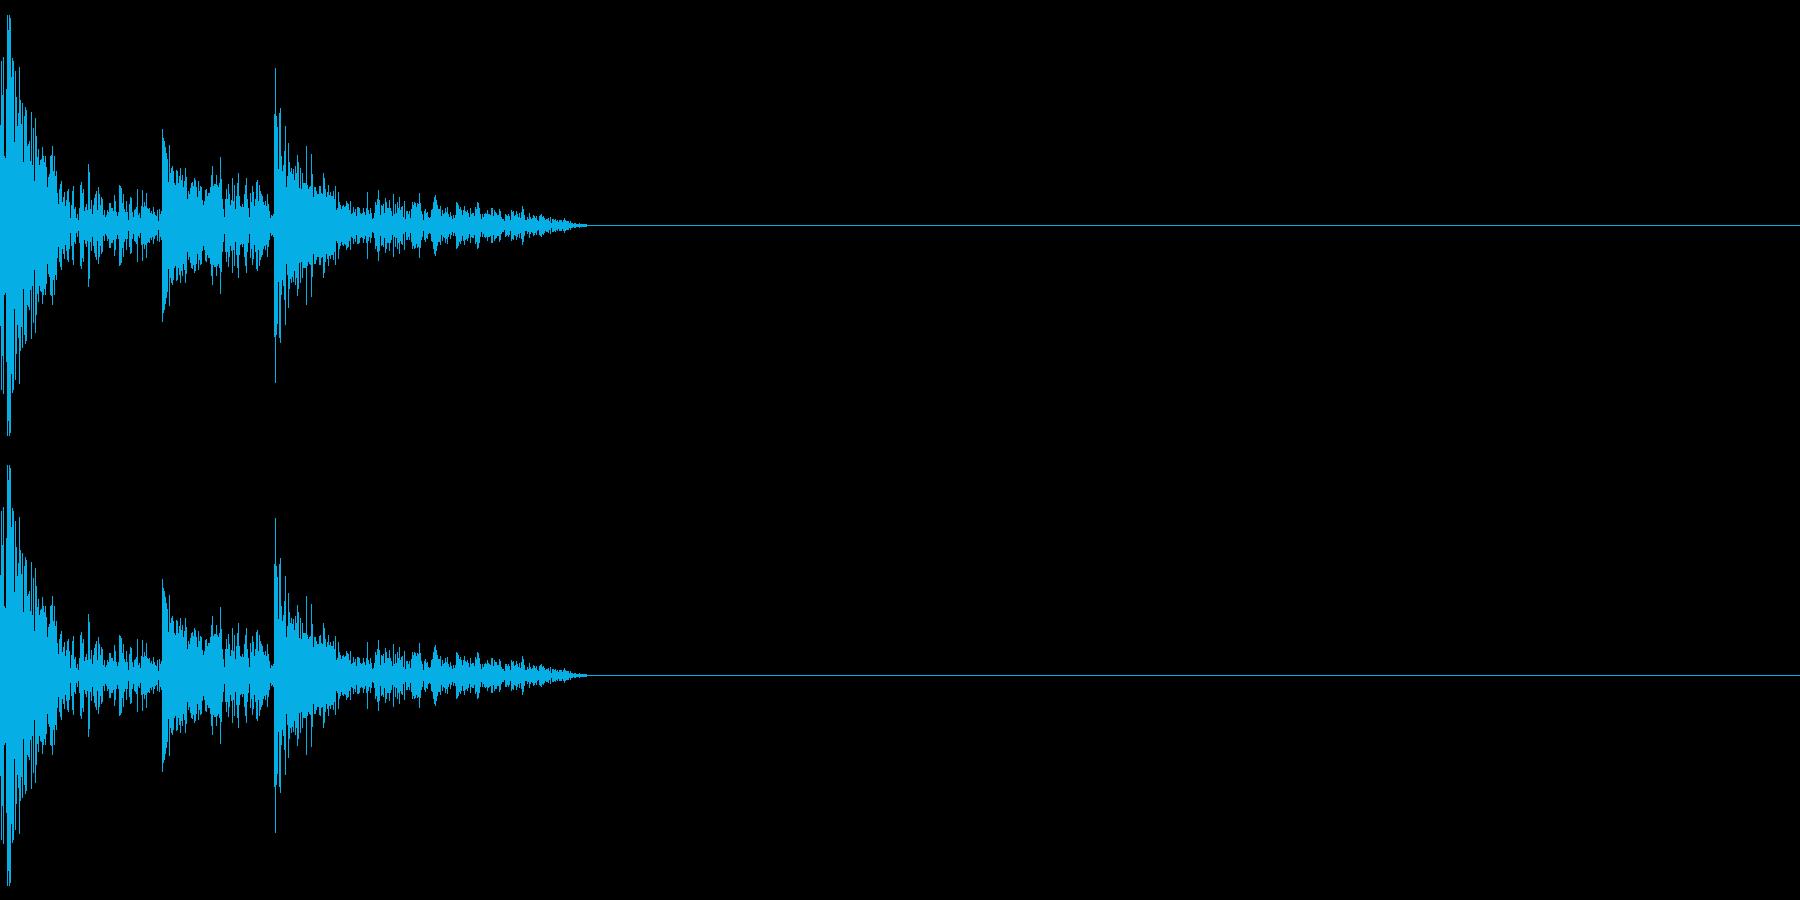 攻撃音などにの再生済みの波形